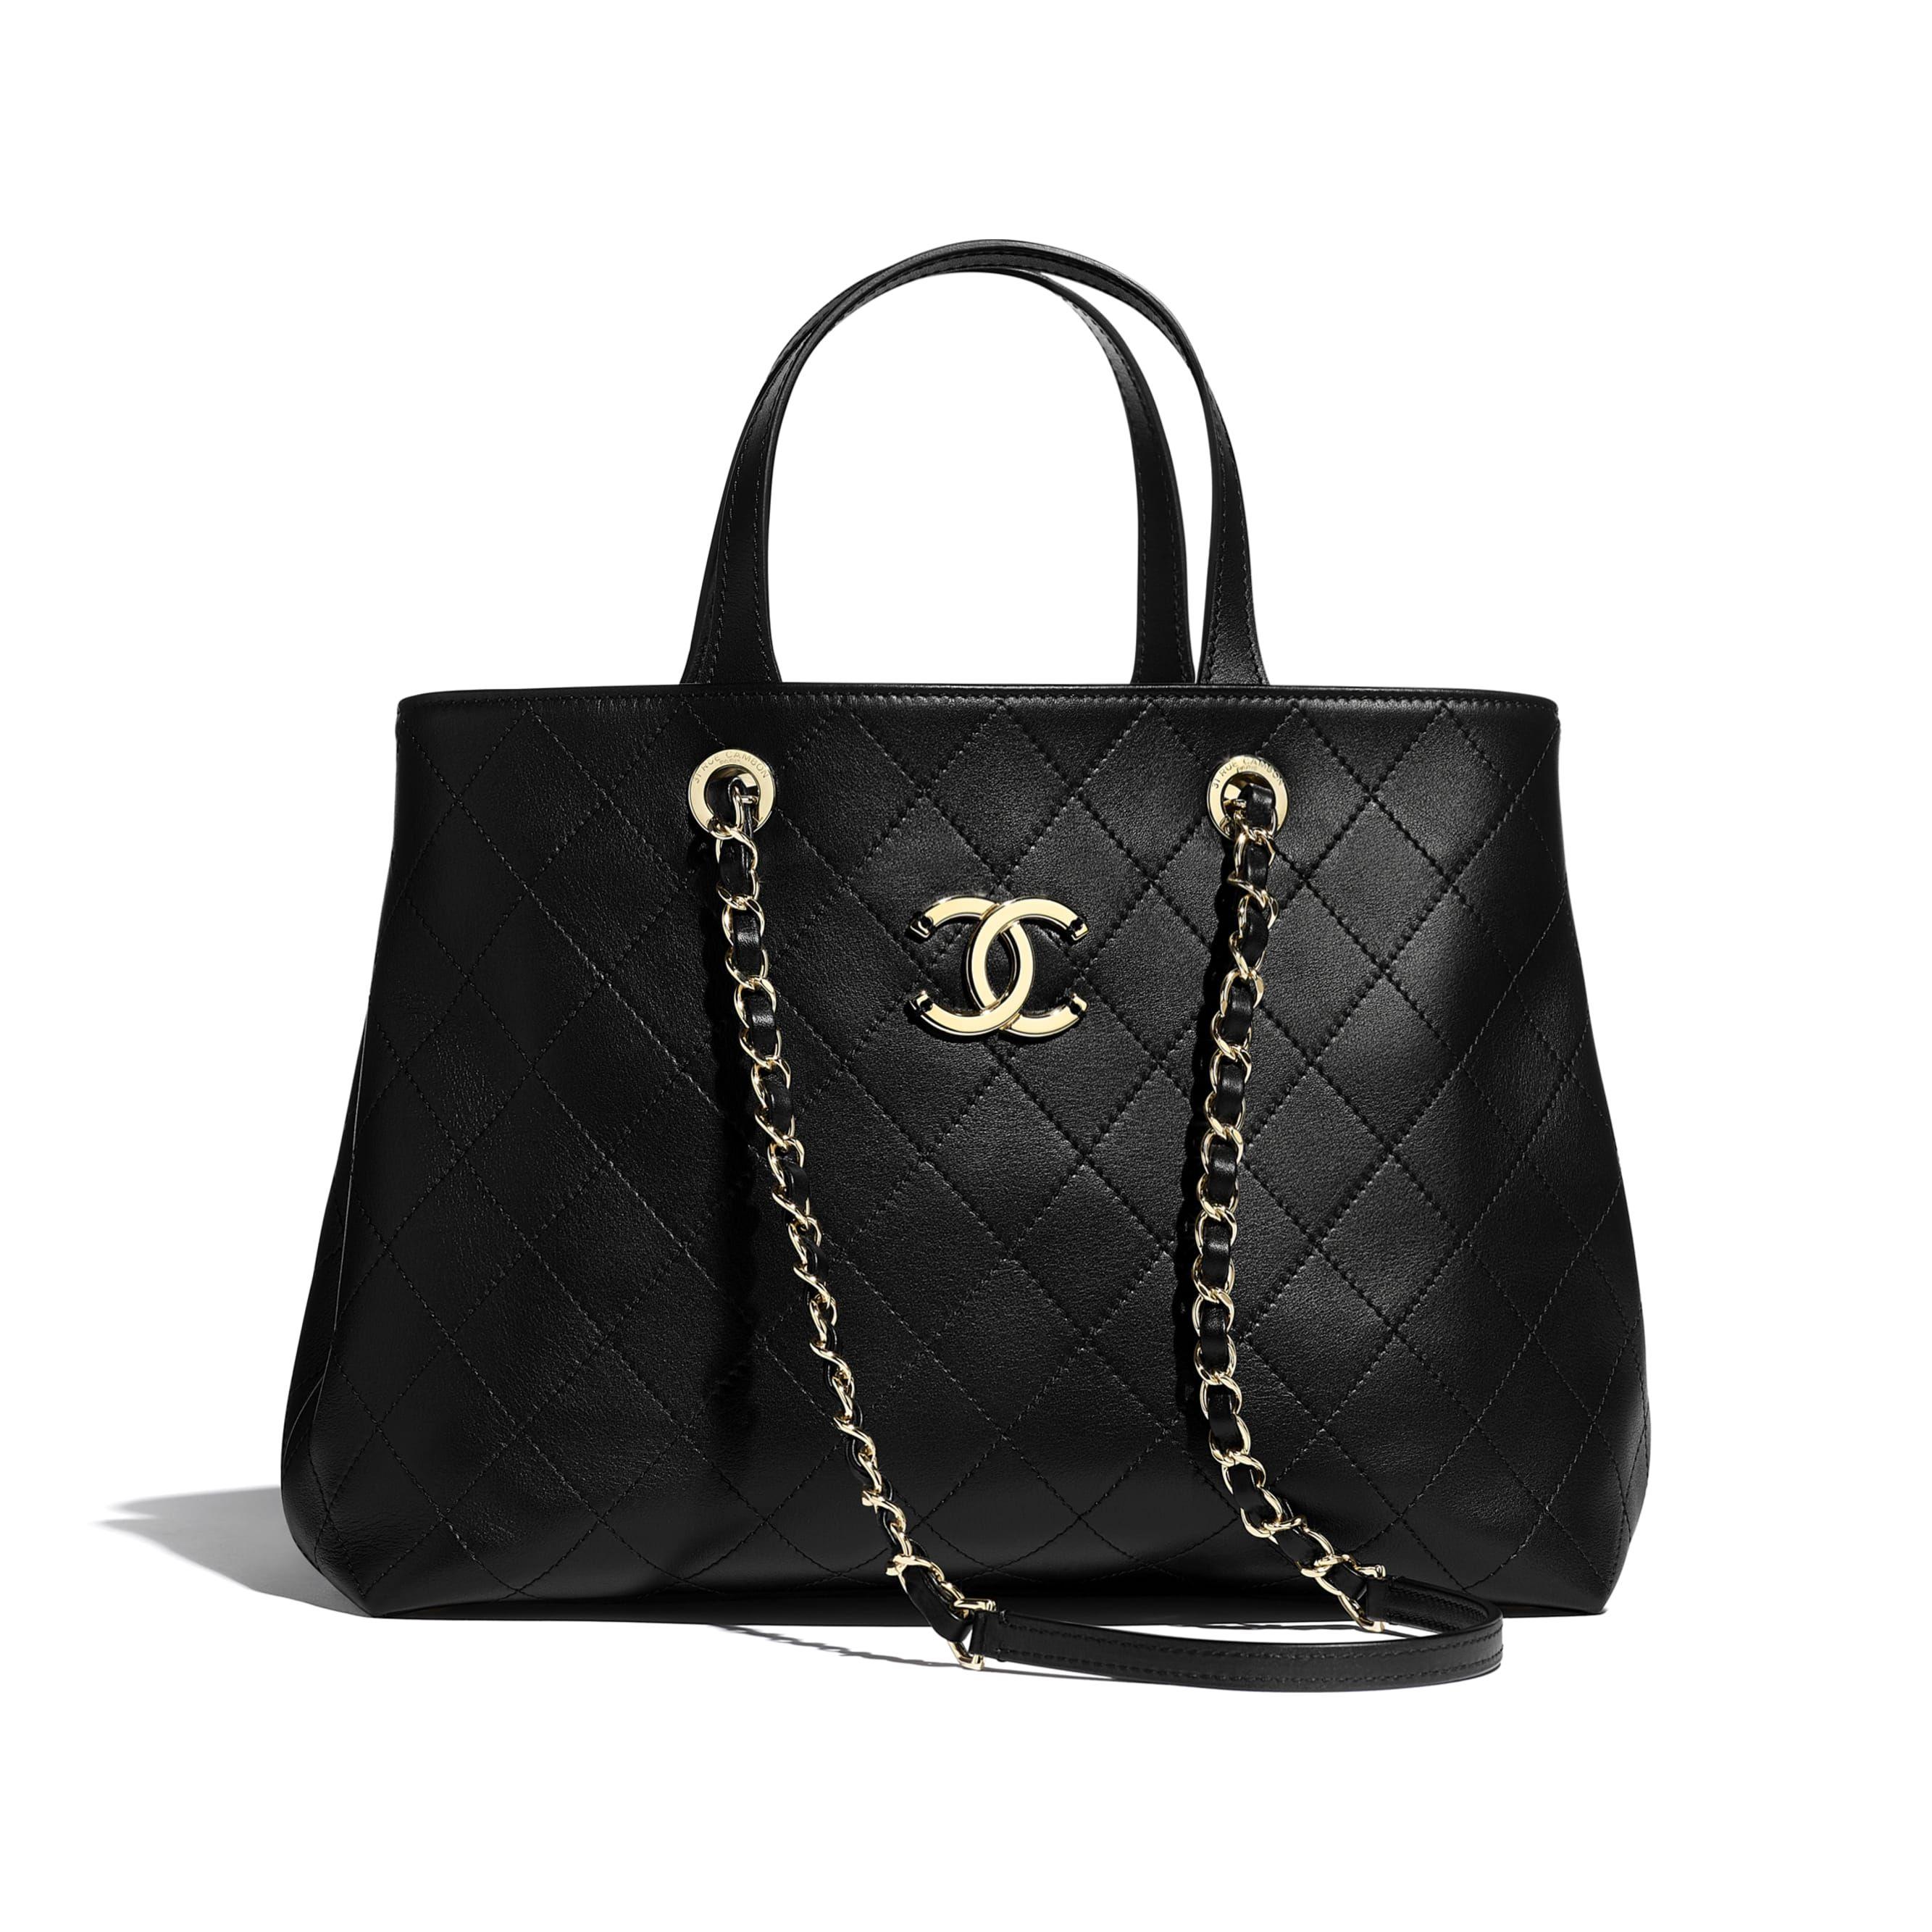 Bolso de compras pequeño en piel de becerro y metal dorado negro | CHANEL